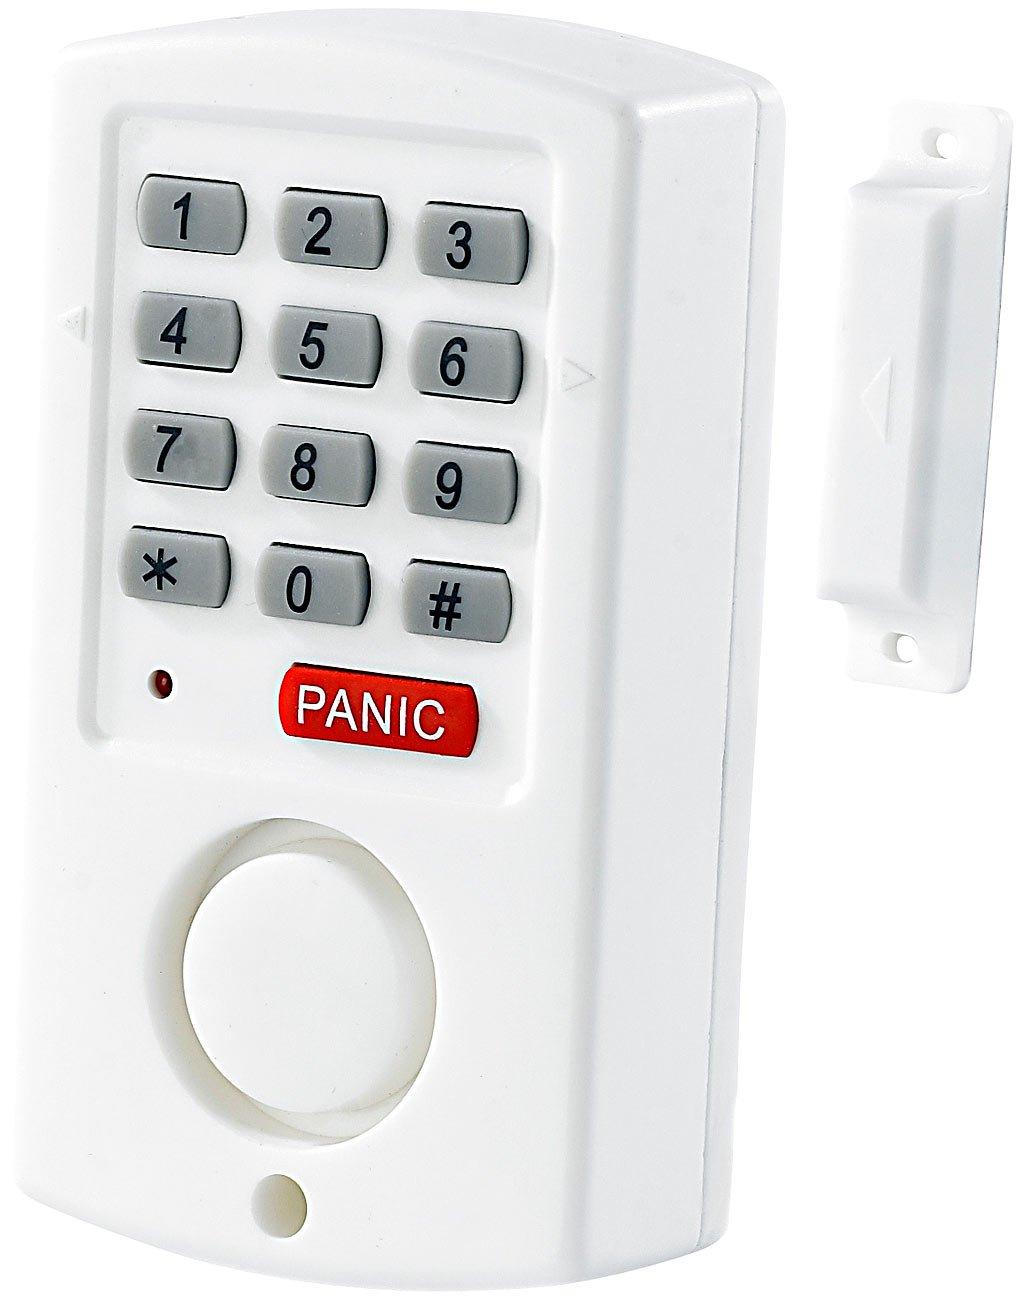 4x Mini Tür und Fensteralarm Türalarm Hausicherung Alarmanlage lauter Alarmton